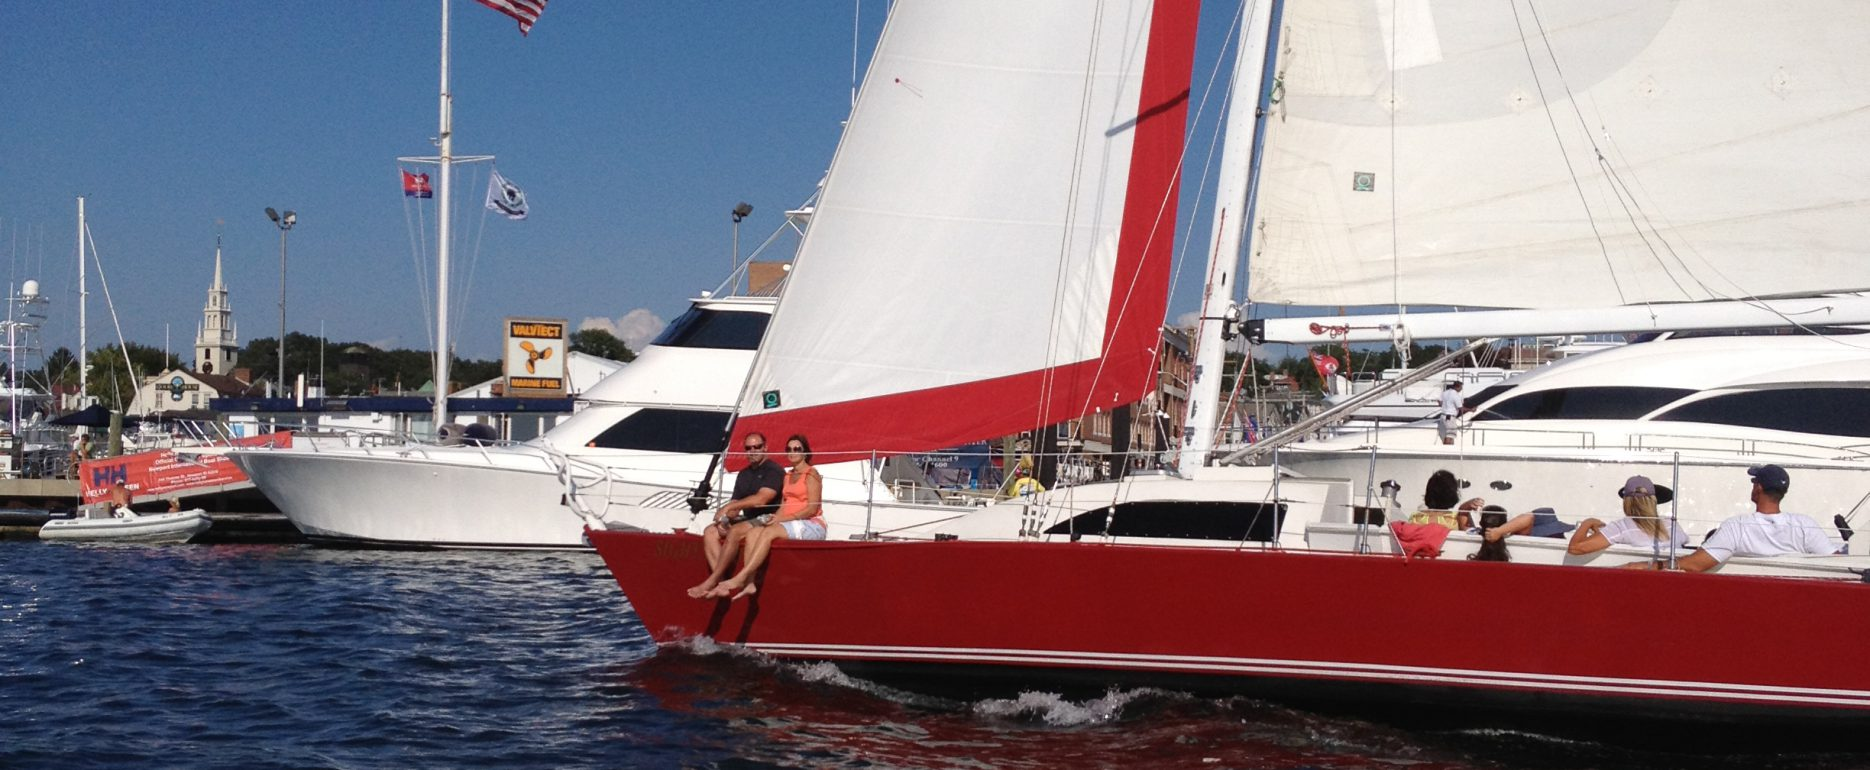 Public Sails